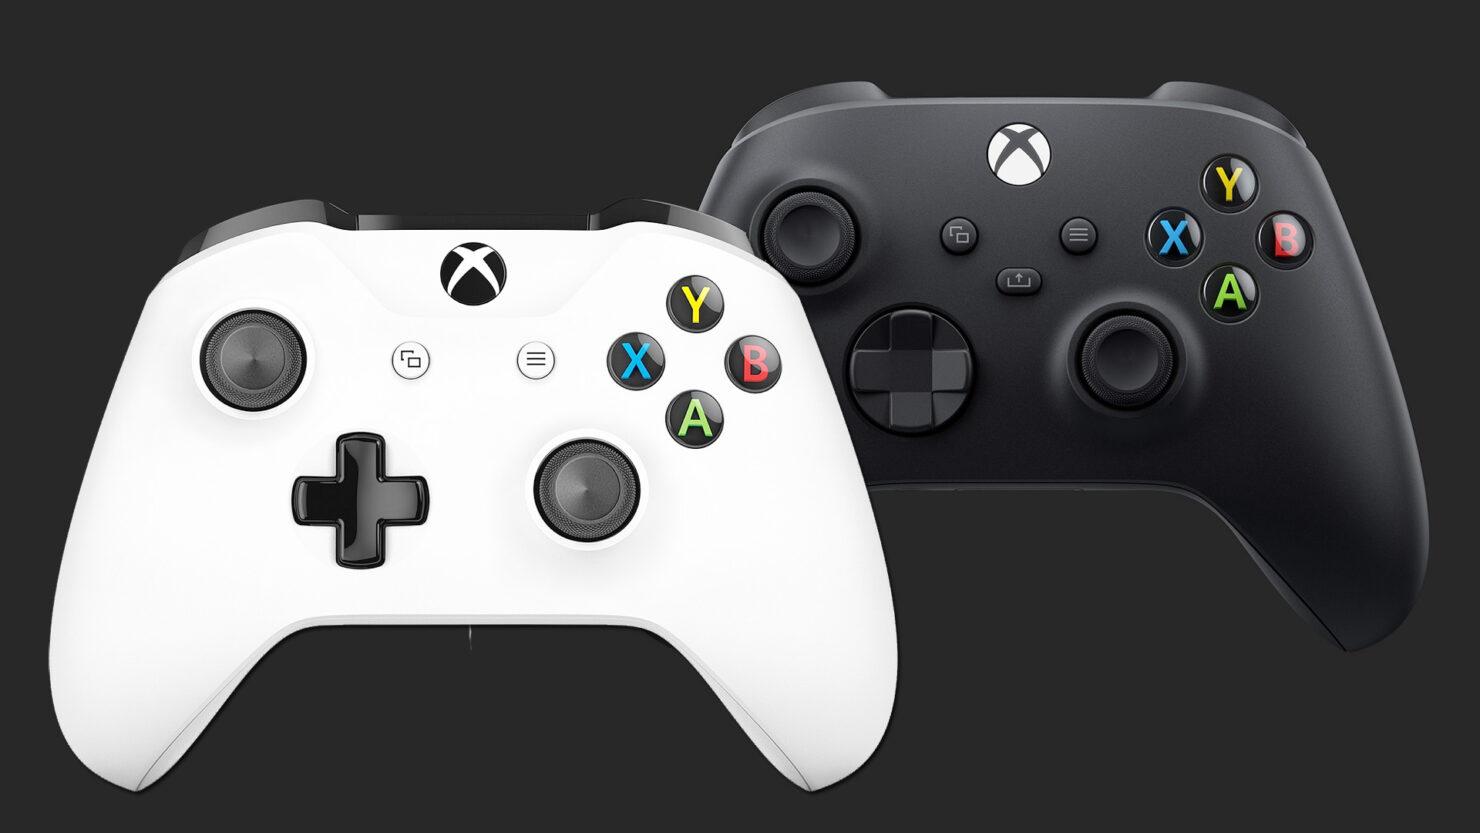 Xbox One controller Xbox Series X controller